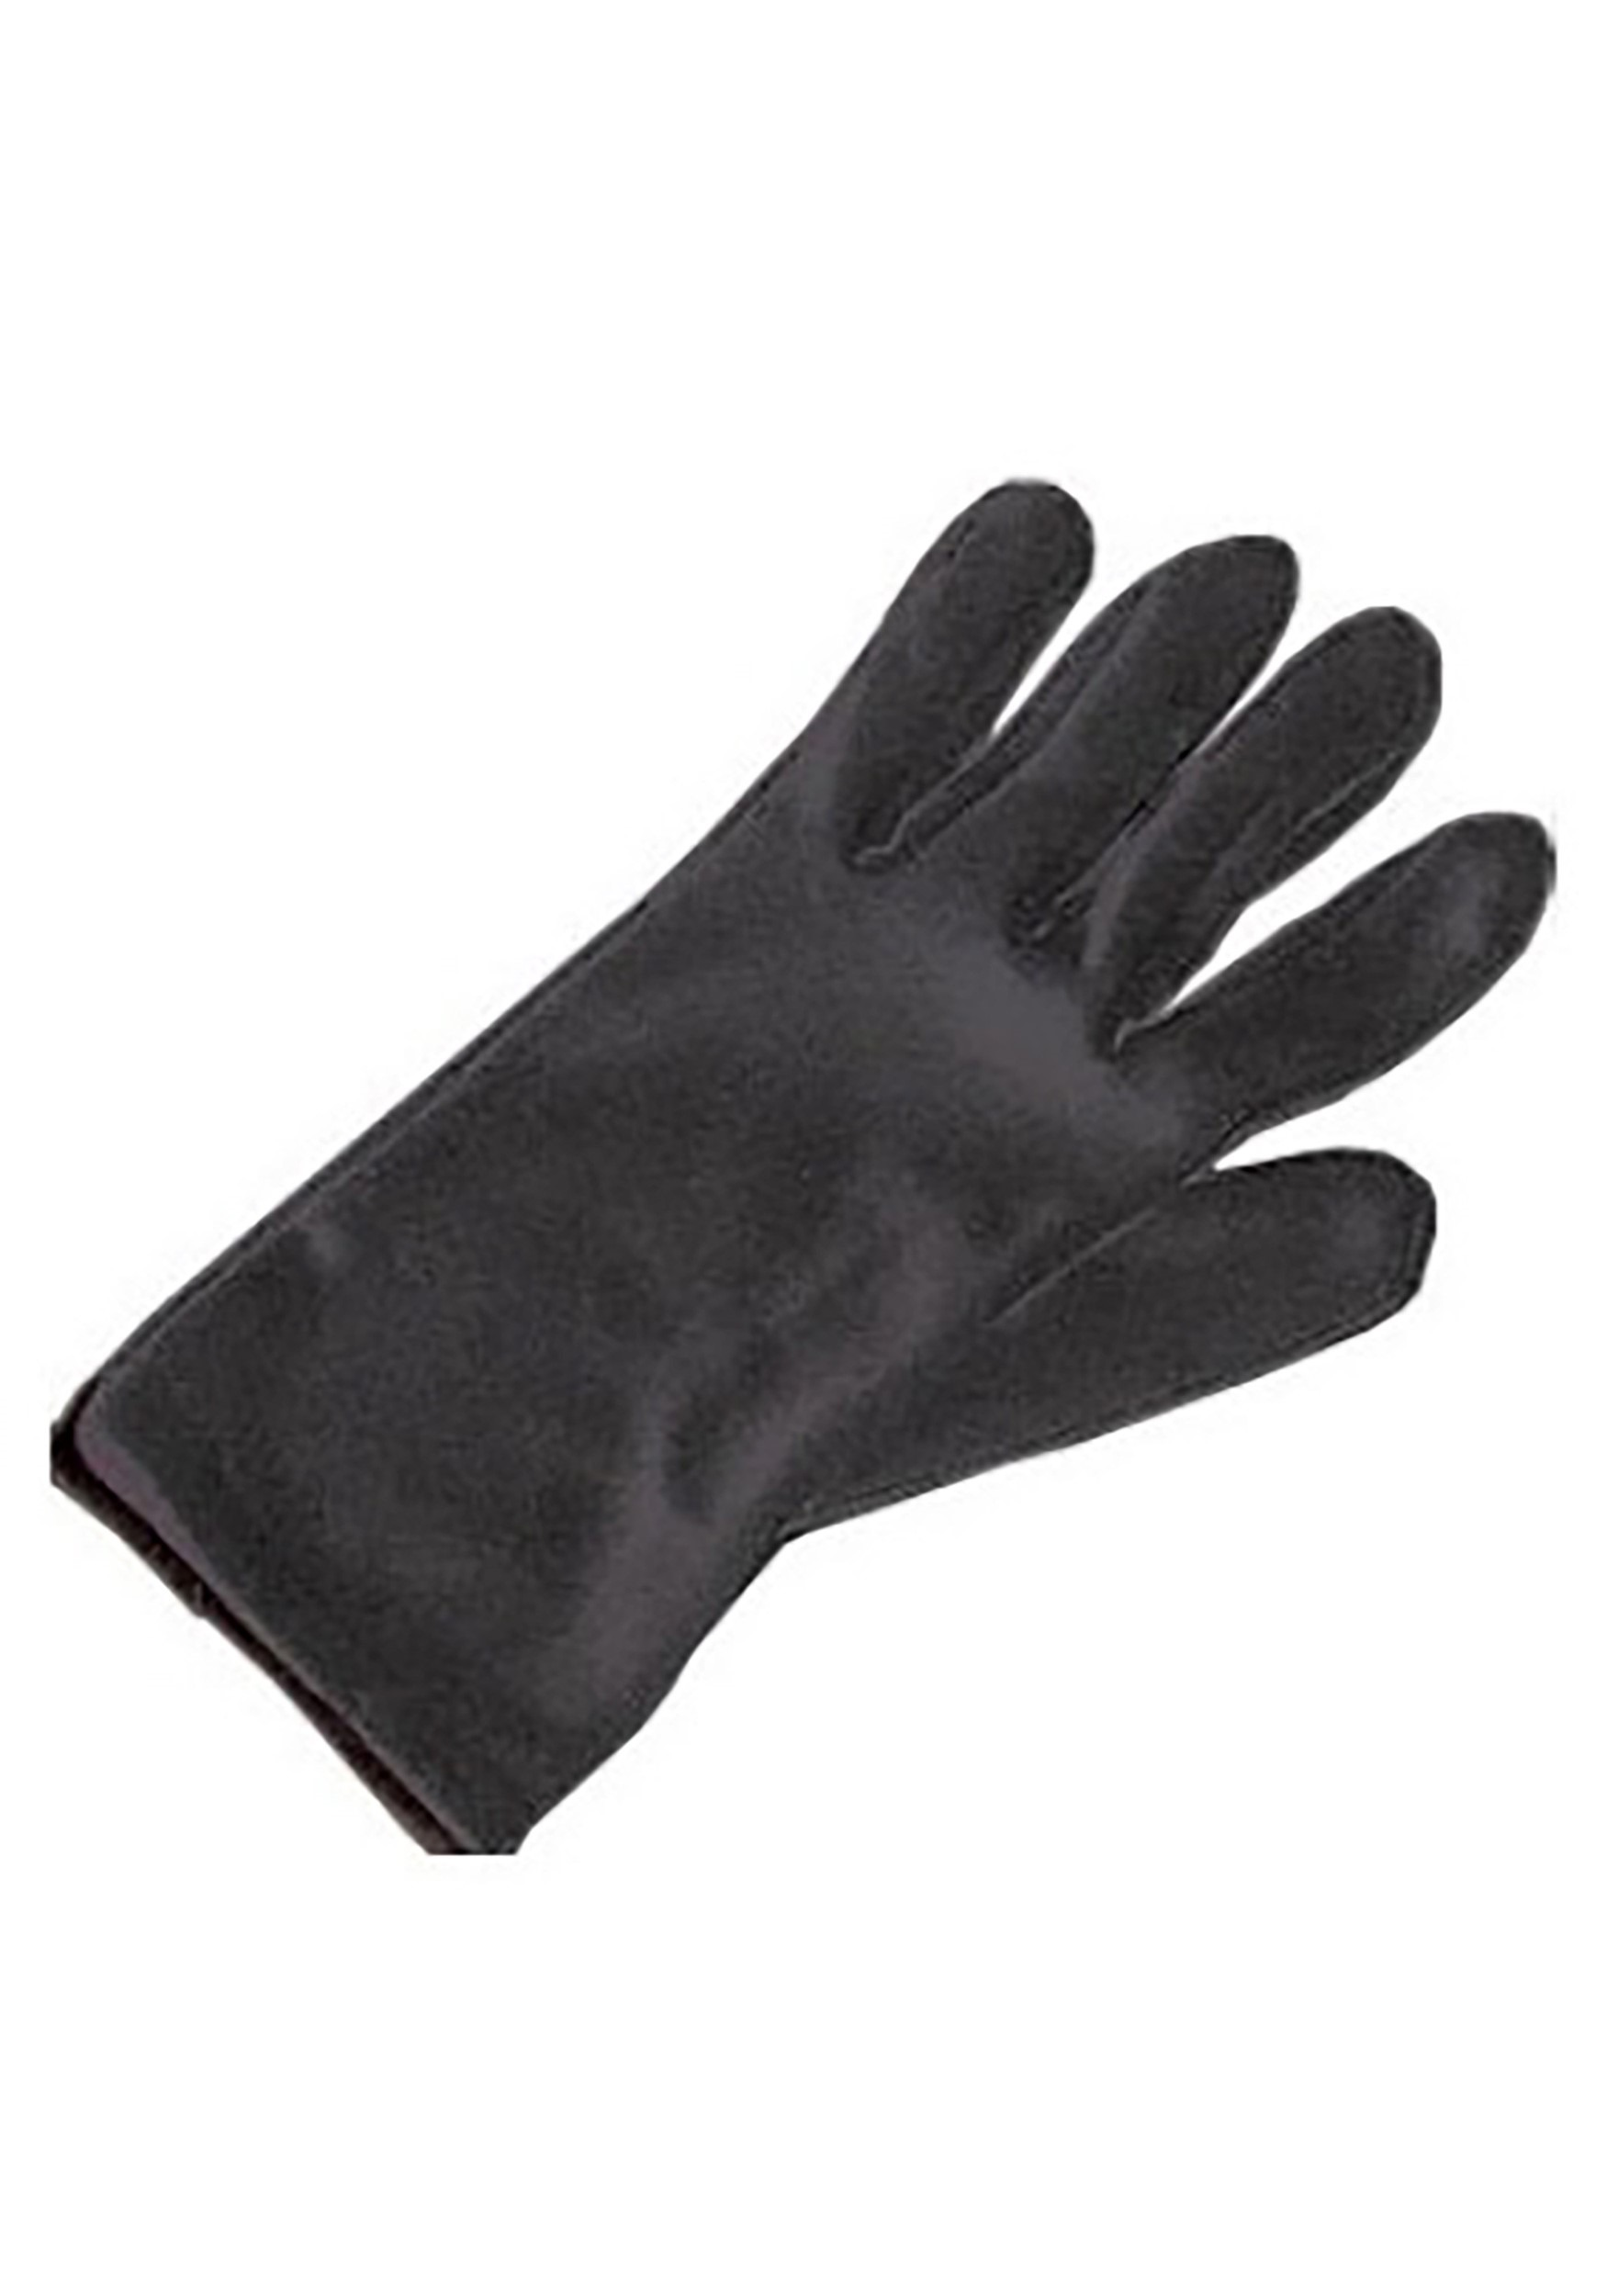 Black Costume Gloves for Kids